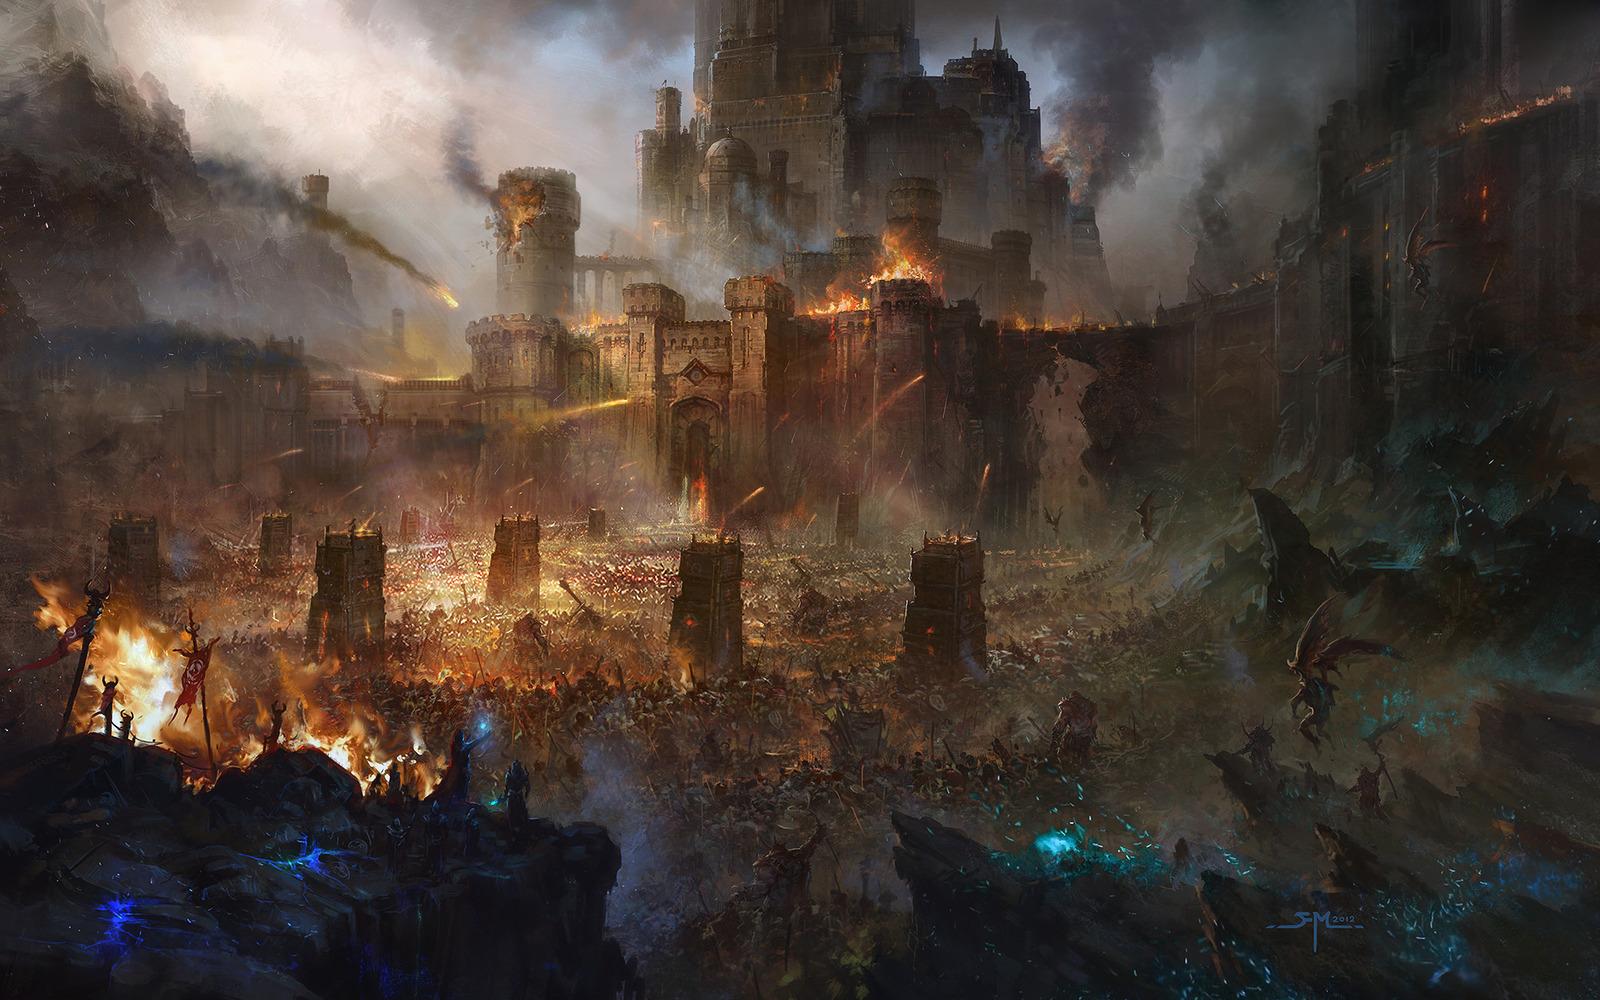 Les environnements spectaculaires en digital painting de Fan Ming